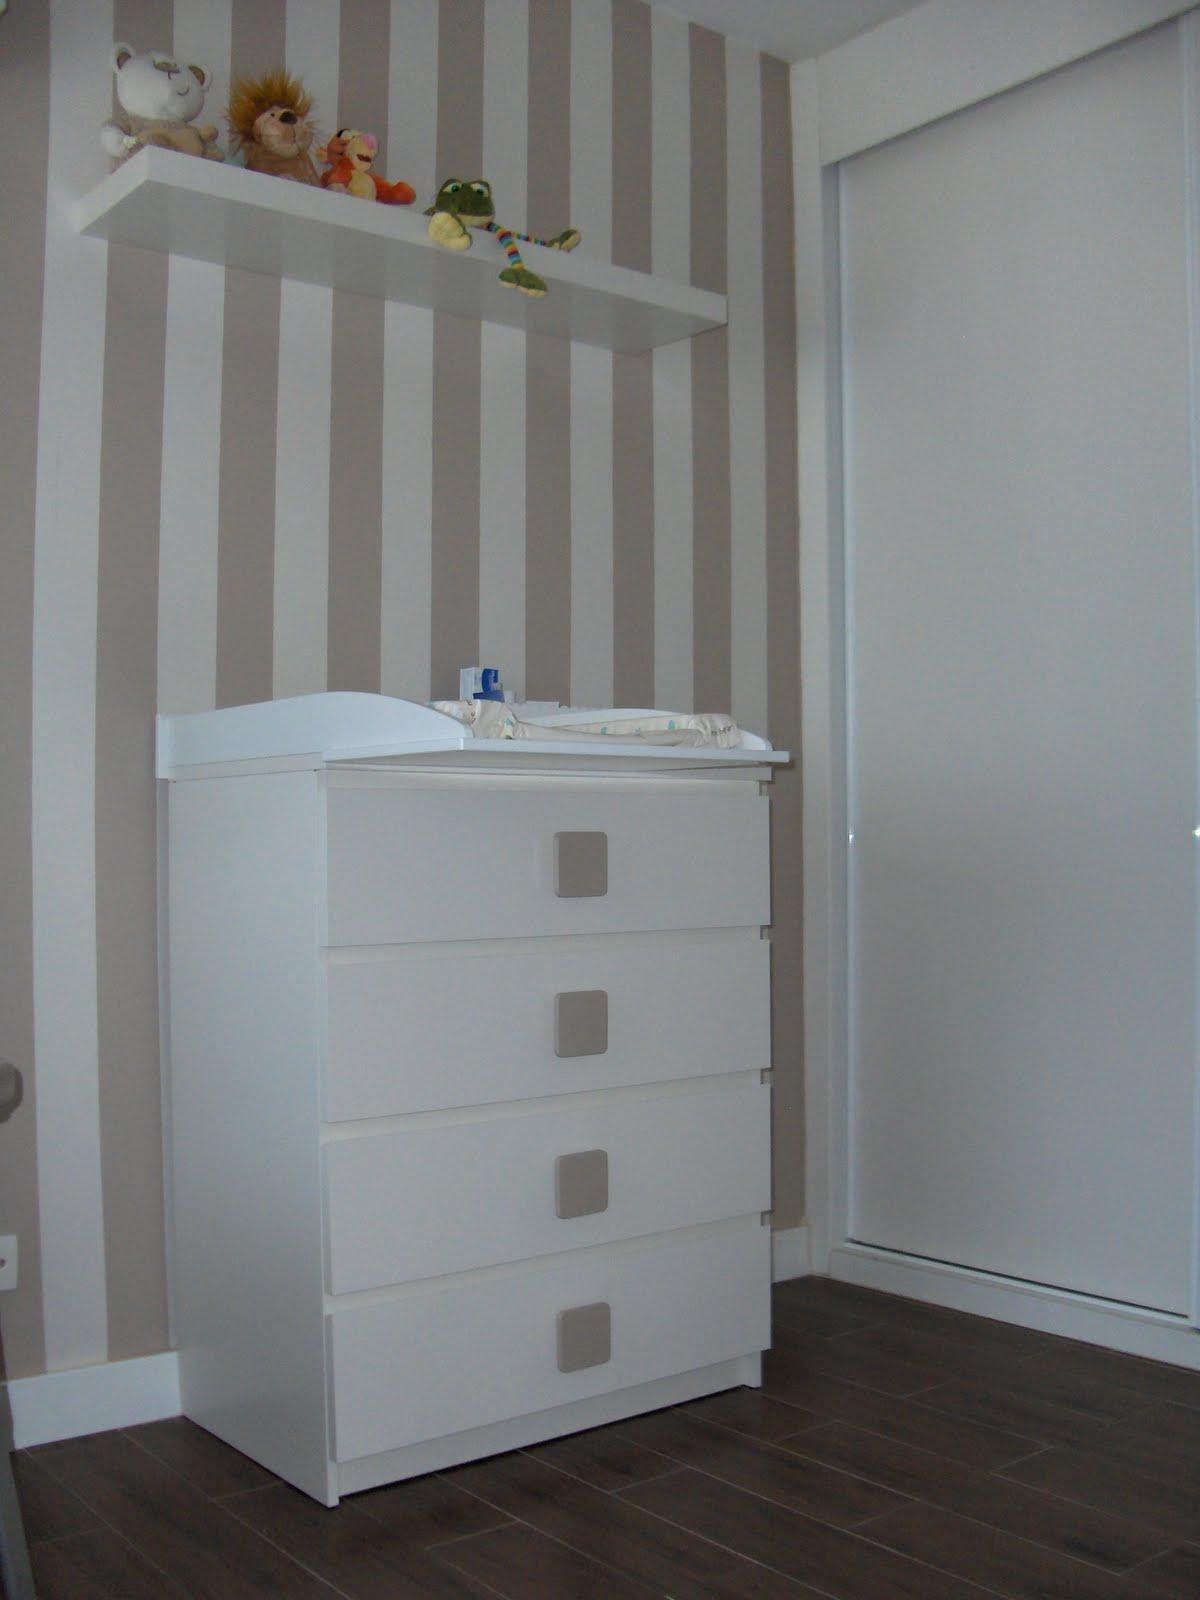 El taller de flory pondy cambiador para beb - Cambiador bebe para comoda ...